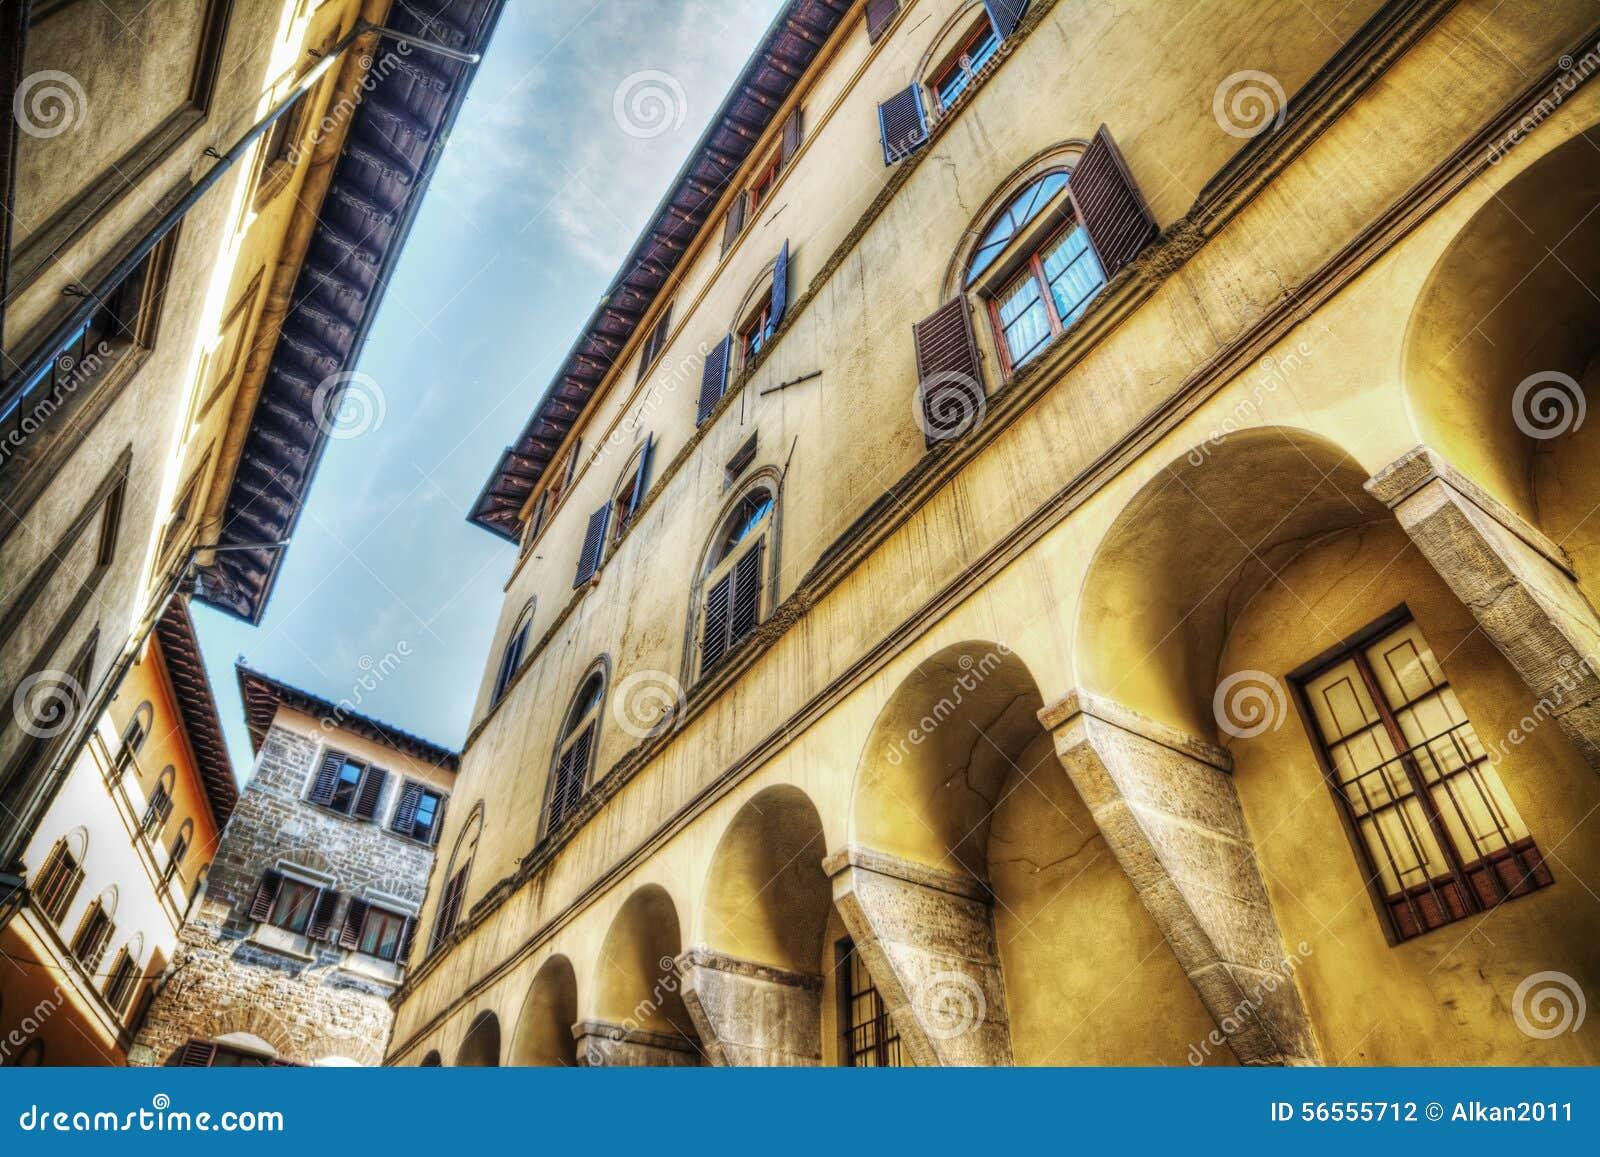 Download Όμορφα κτήρια στη Φλωρεντία Στοκ Εικόνες - εικόνα από παλαιός, ιταλία: 56555712